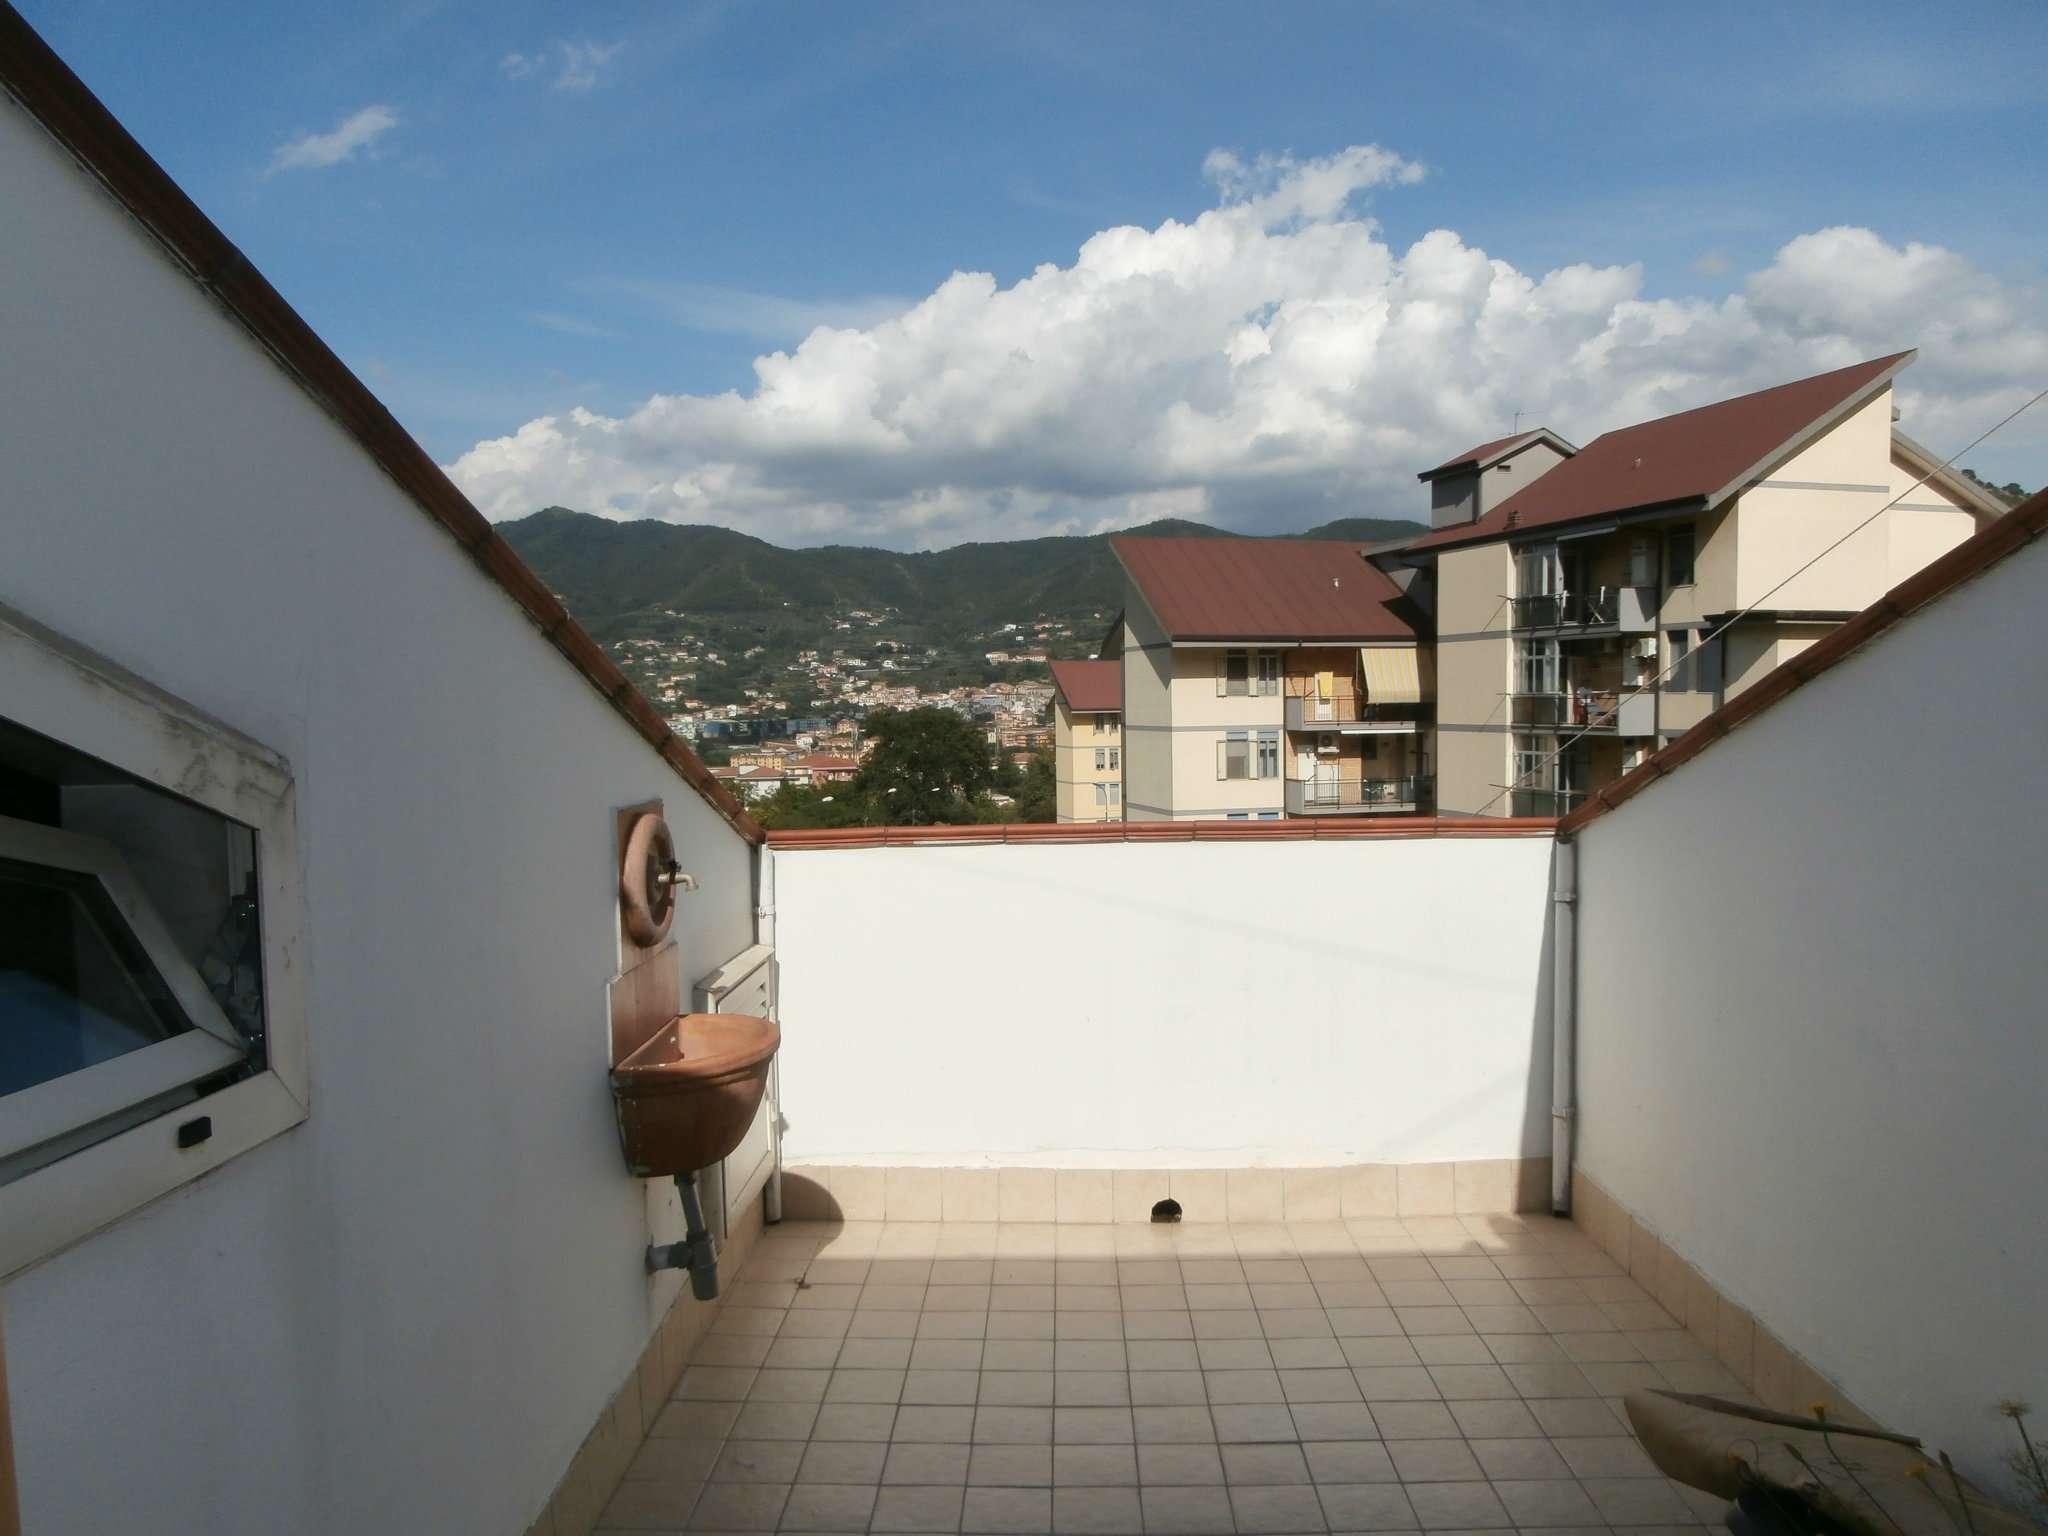 Appartamento in vendita a Cava de' Tirreni, 2 locali, prezzo € 128.000   CambioCasa.it